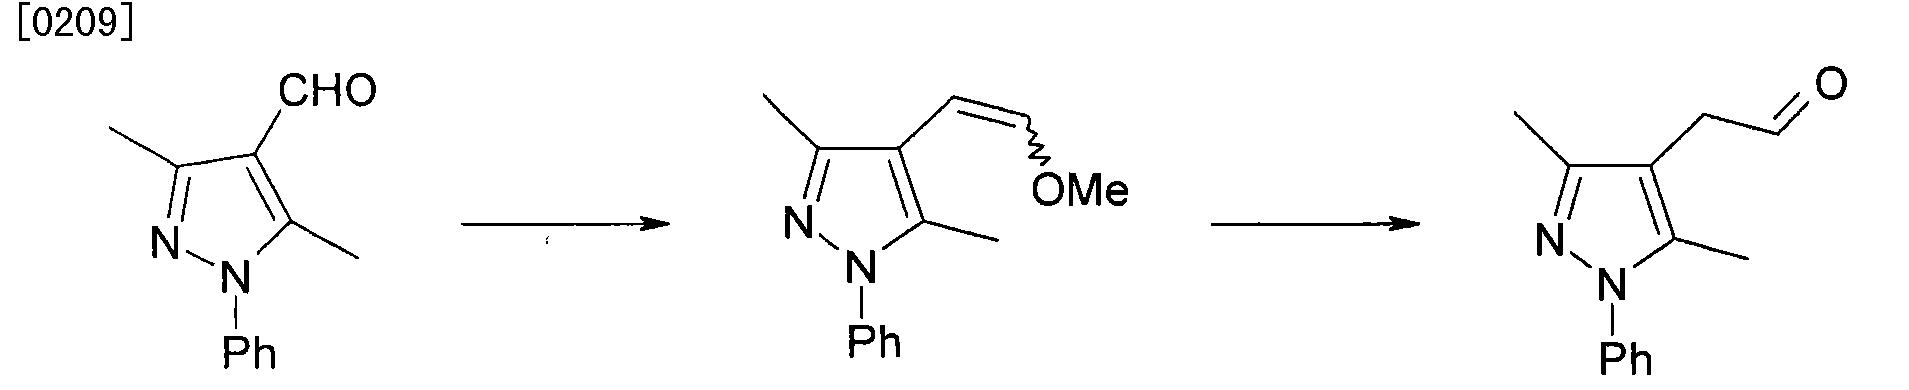 Figure CN102036955BD00581